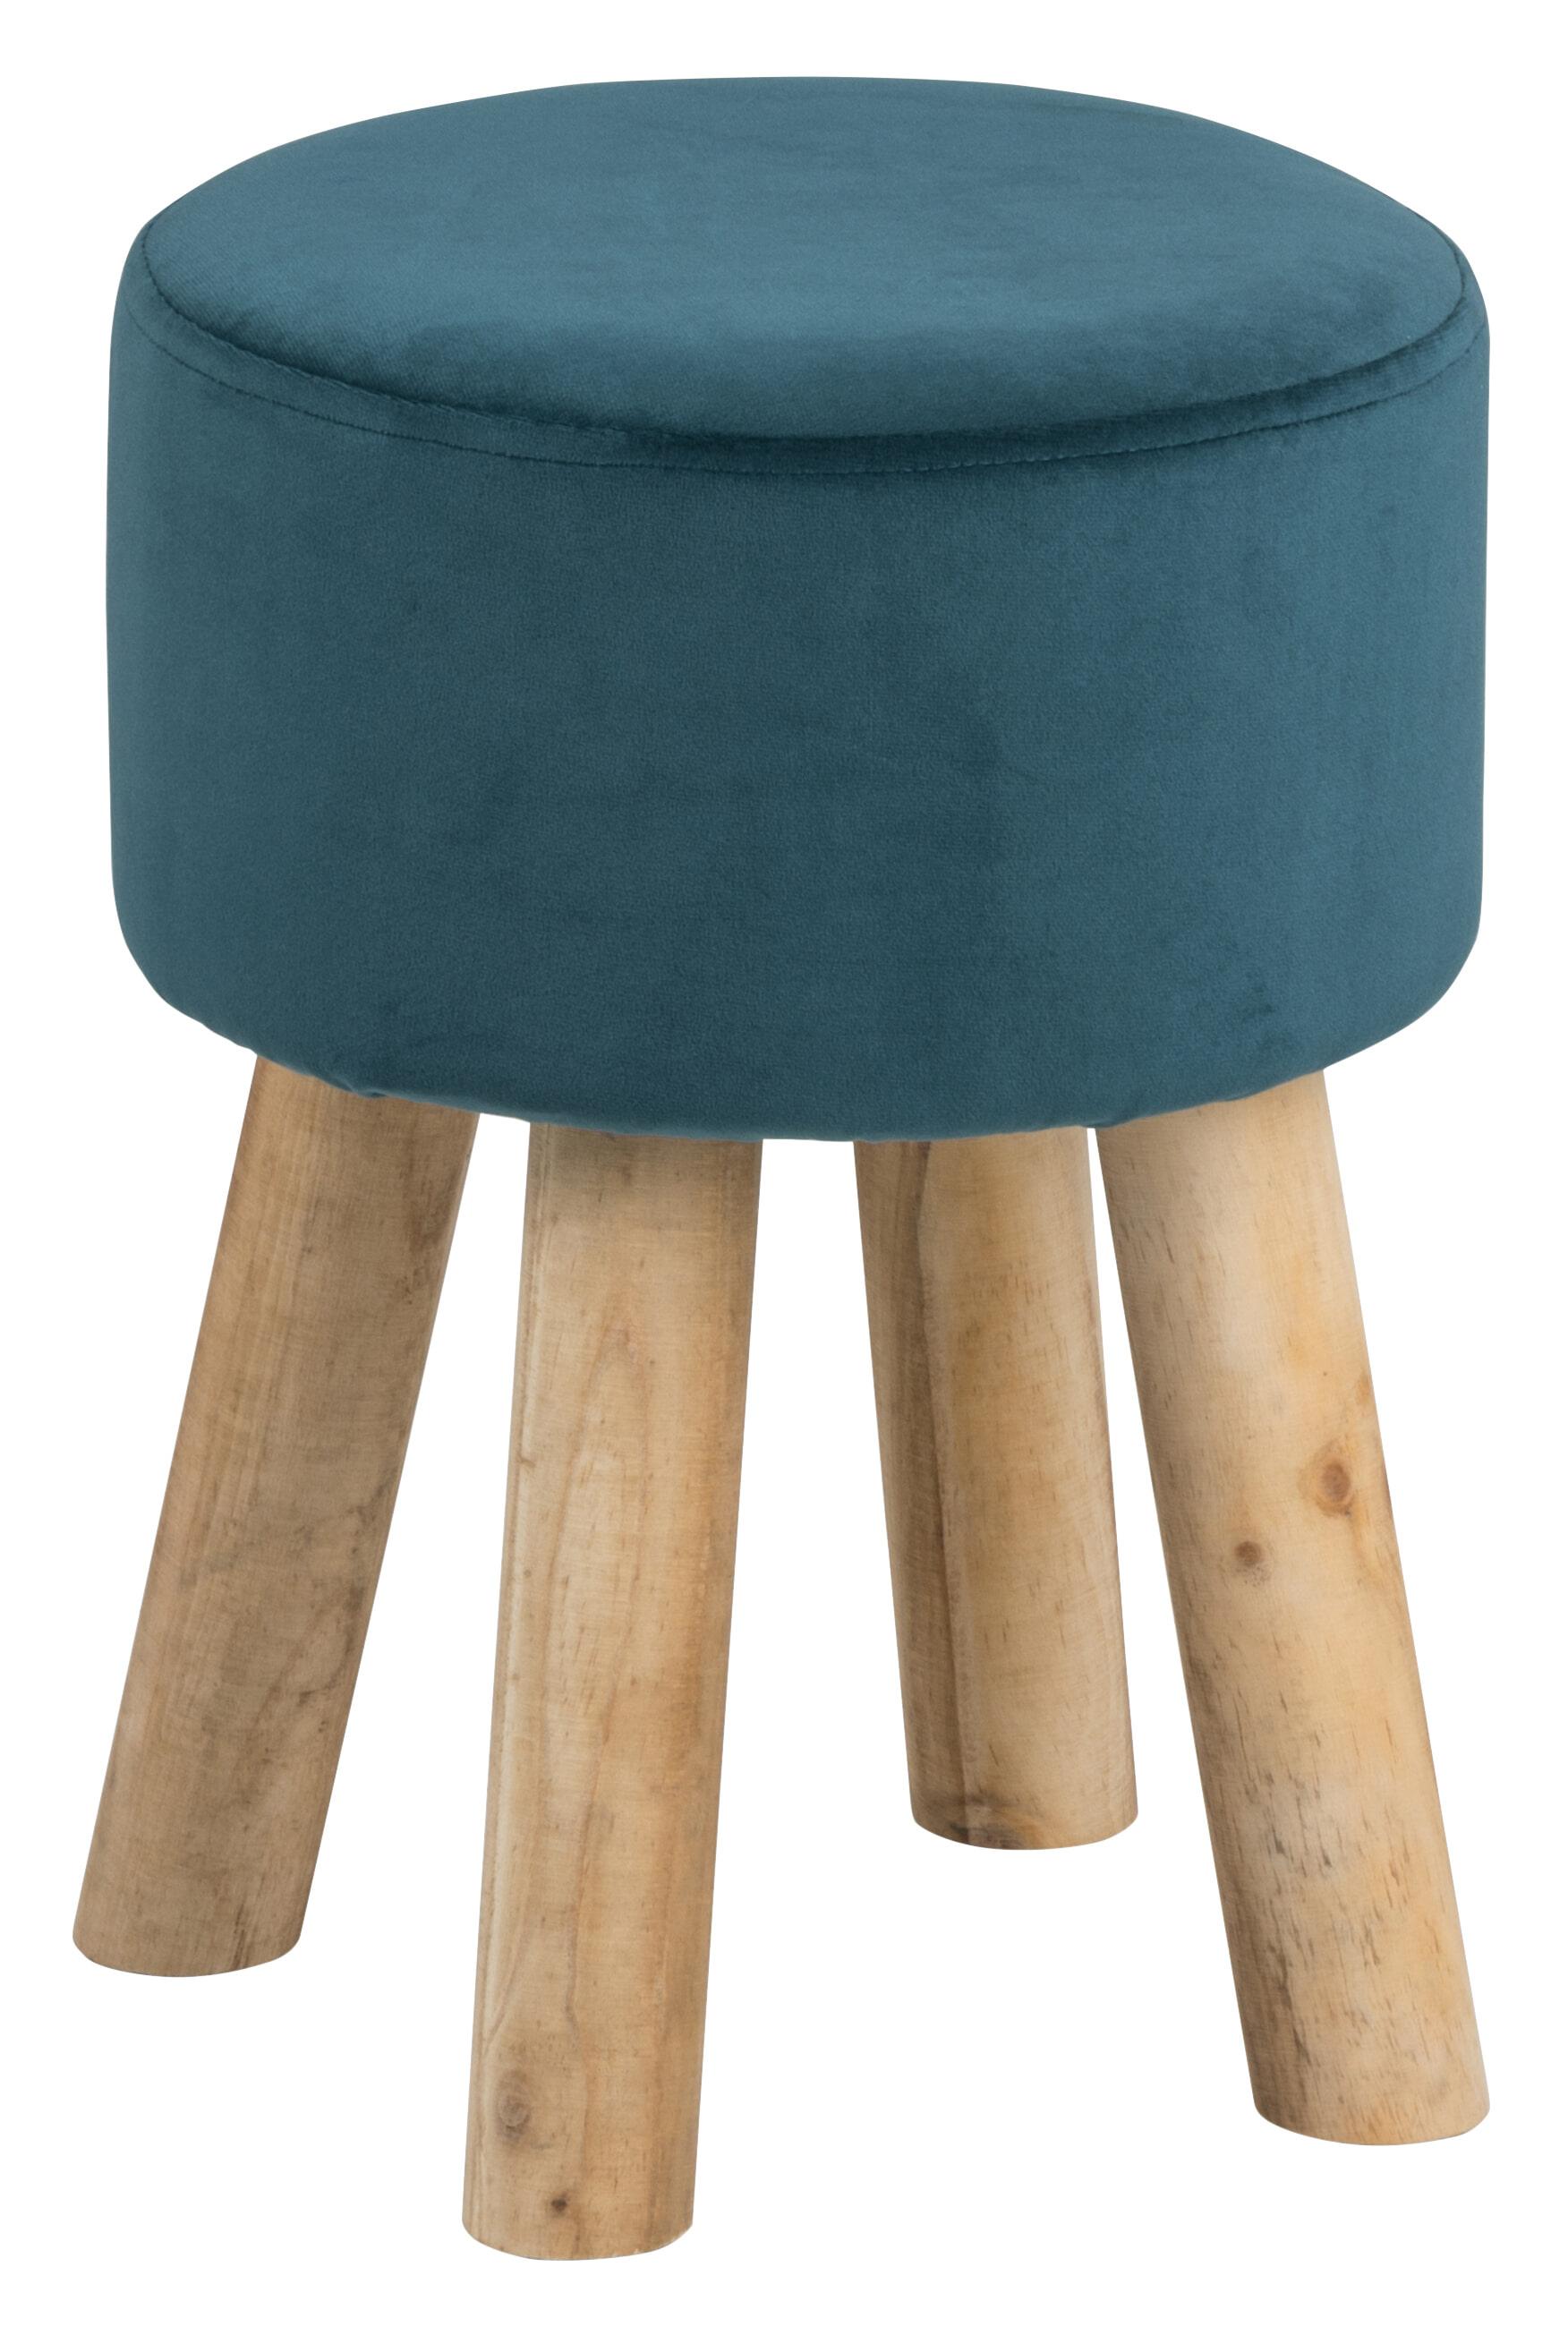 Krukje 'Susanne' kleur groen  vergelijken doe je het voordeligst hier bij Meubelpartner